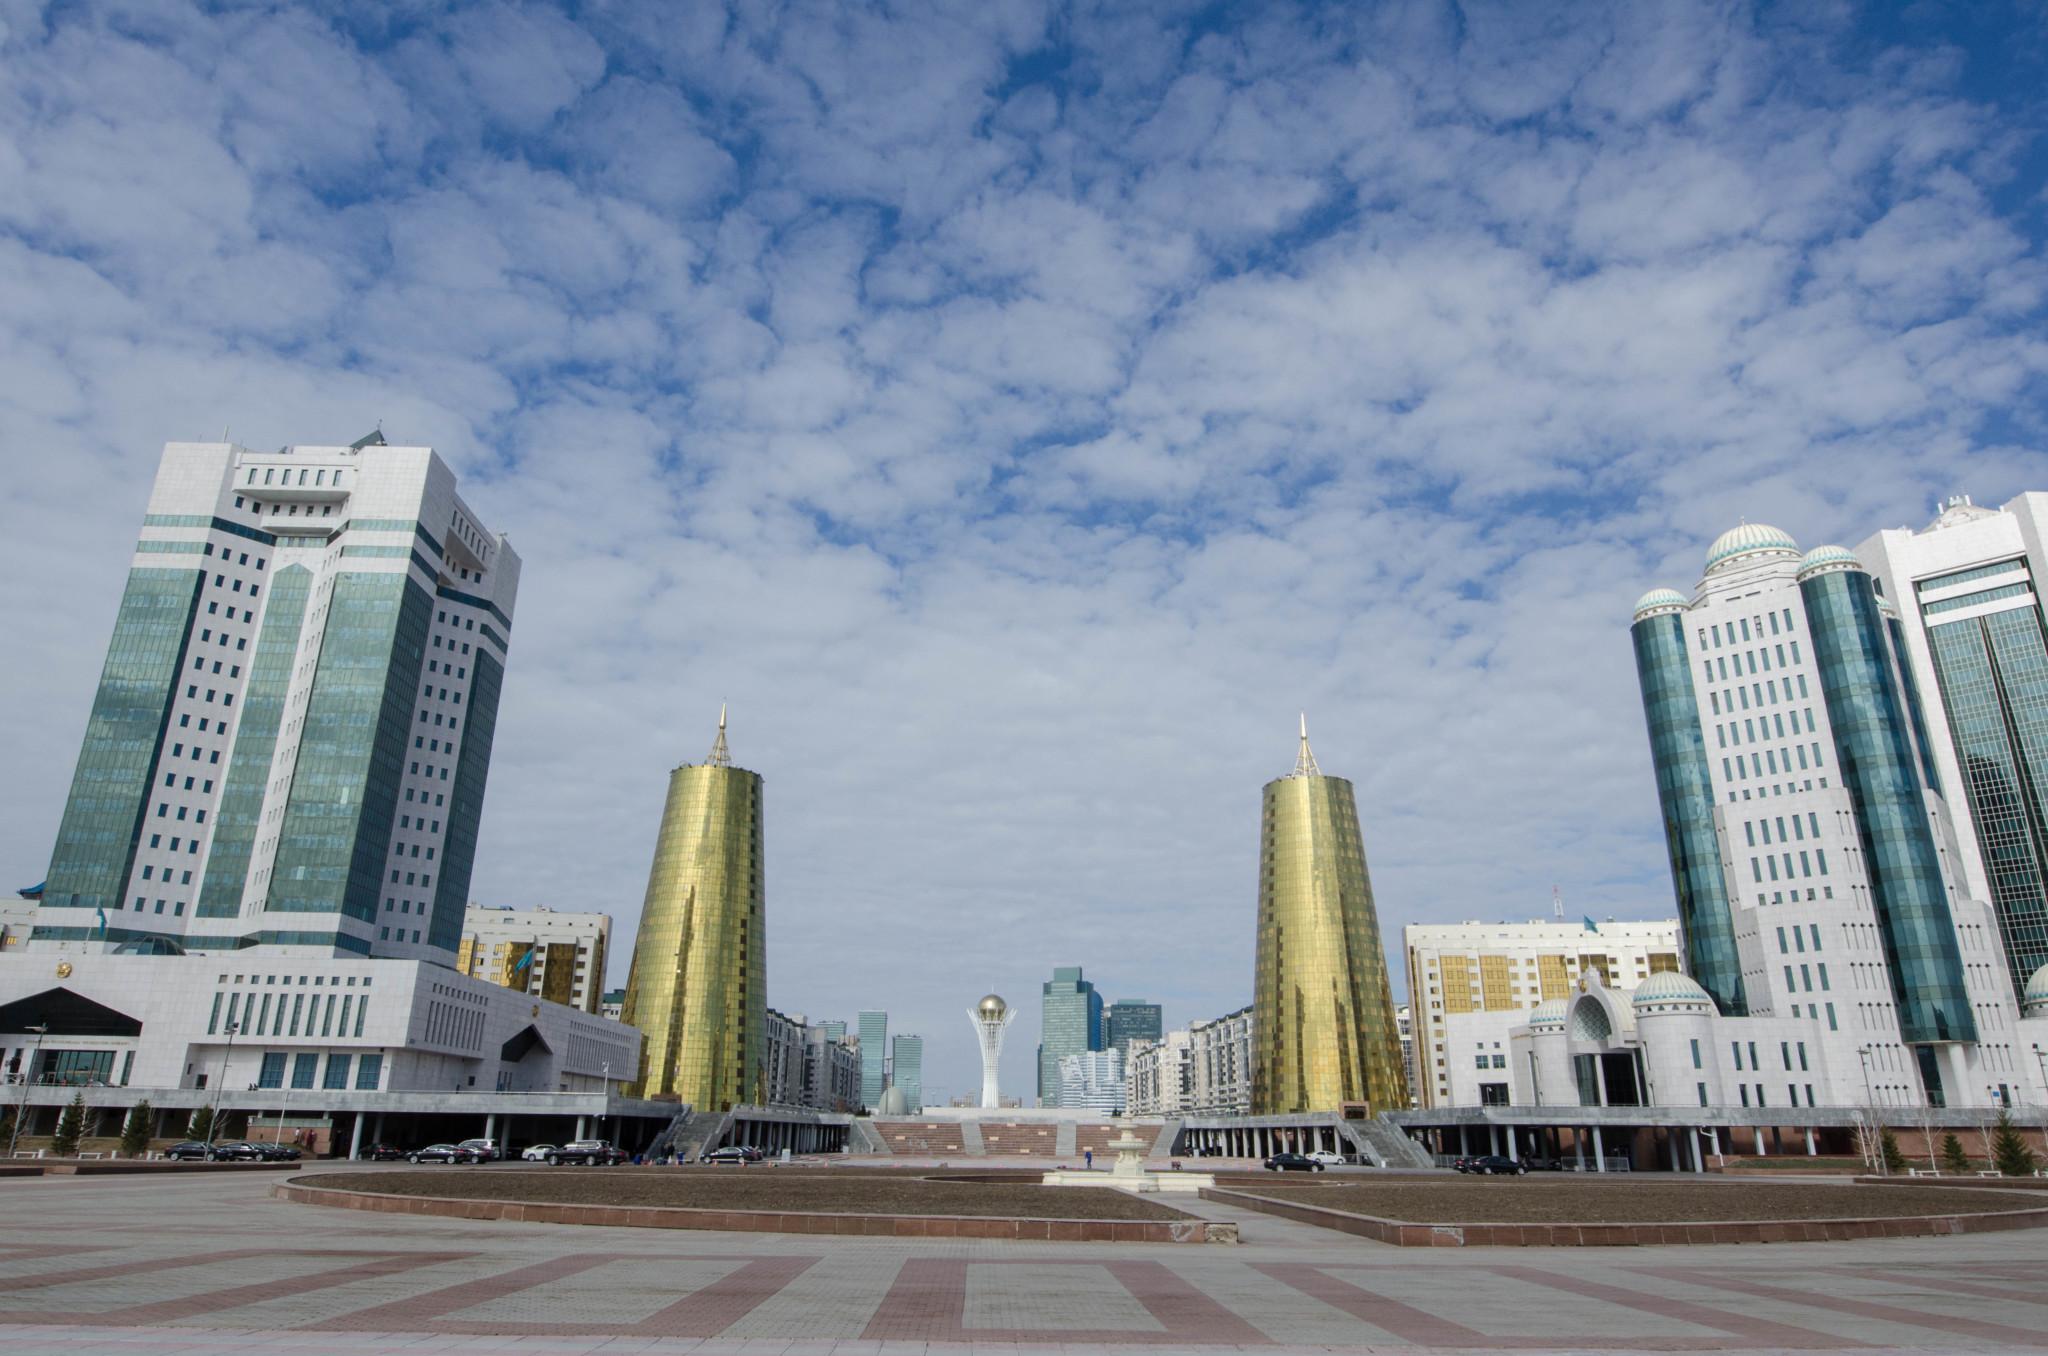 Astana Sehenswürdigkeiten: Highlights & Tipps für die Glitzerstadt